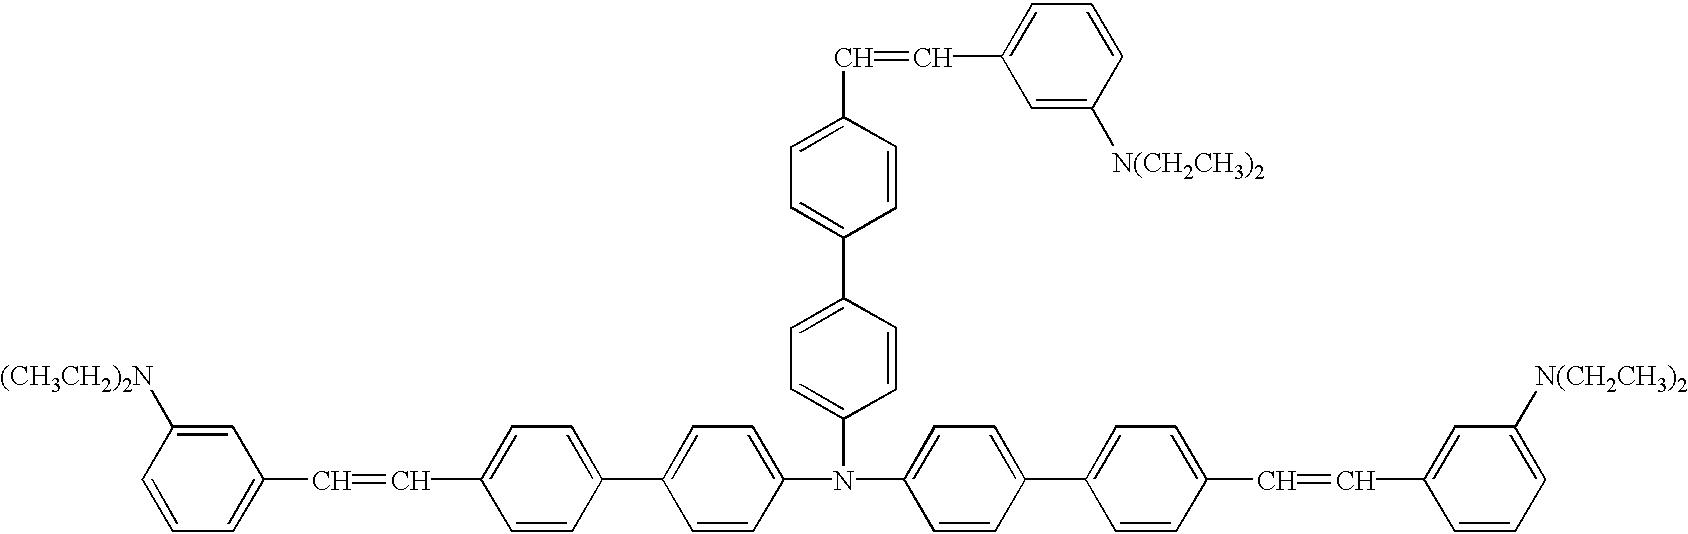 Figure US20030194627A1-20031016-C00122